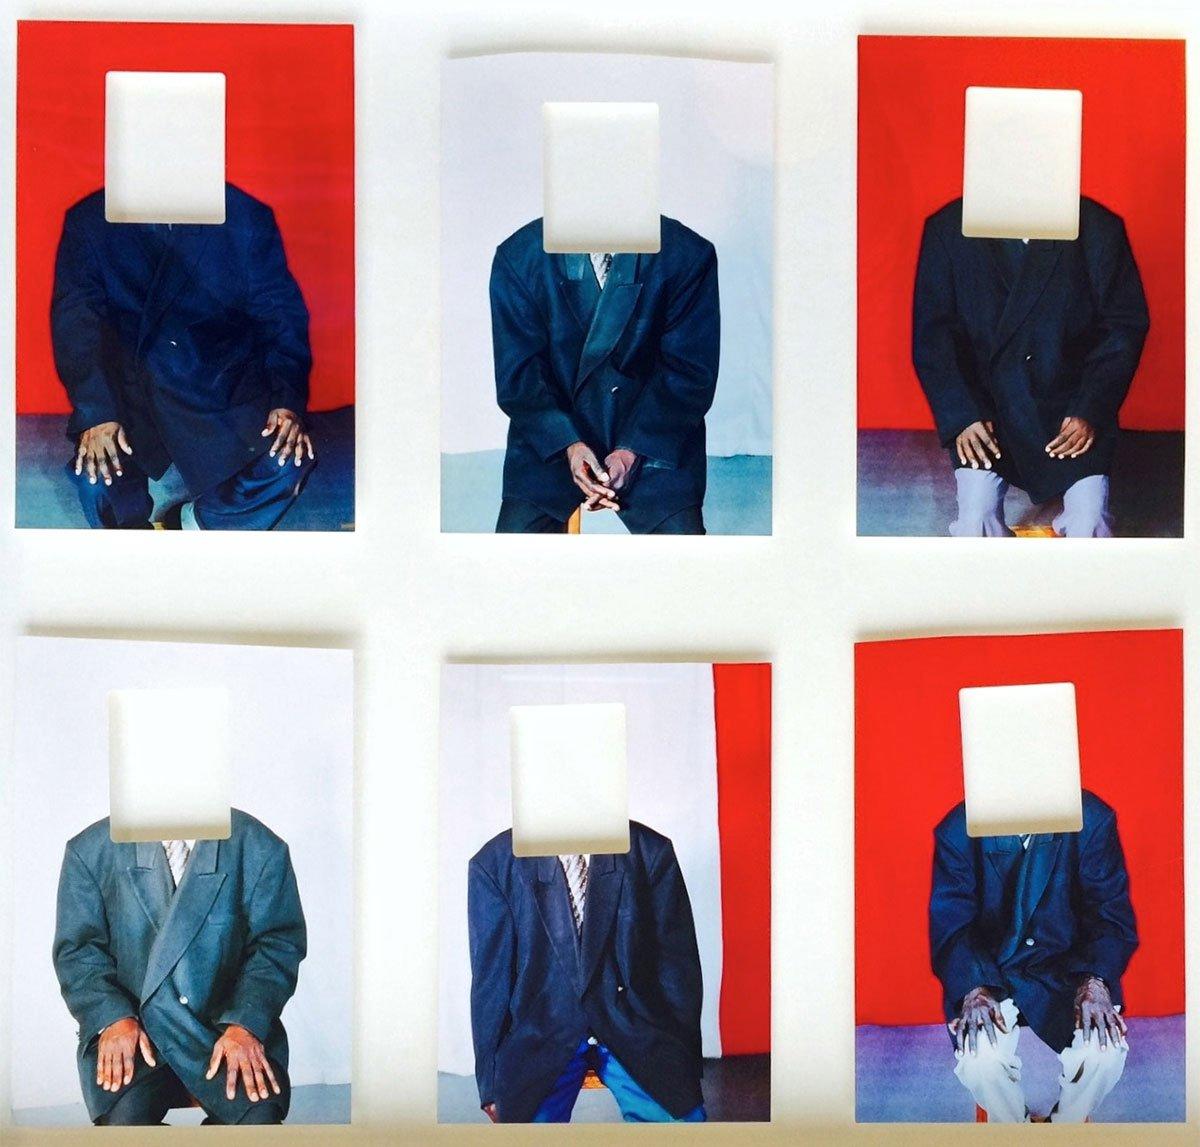 Martina Bacigalupo, dalla serie Gulu Real Art Studio #13, 2016, Palazzo delle Esposizioni Roma